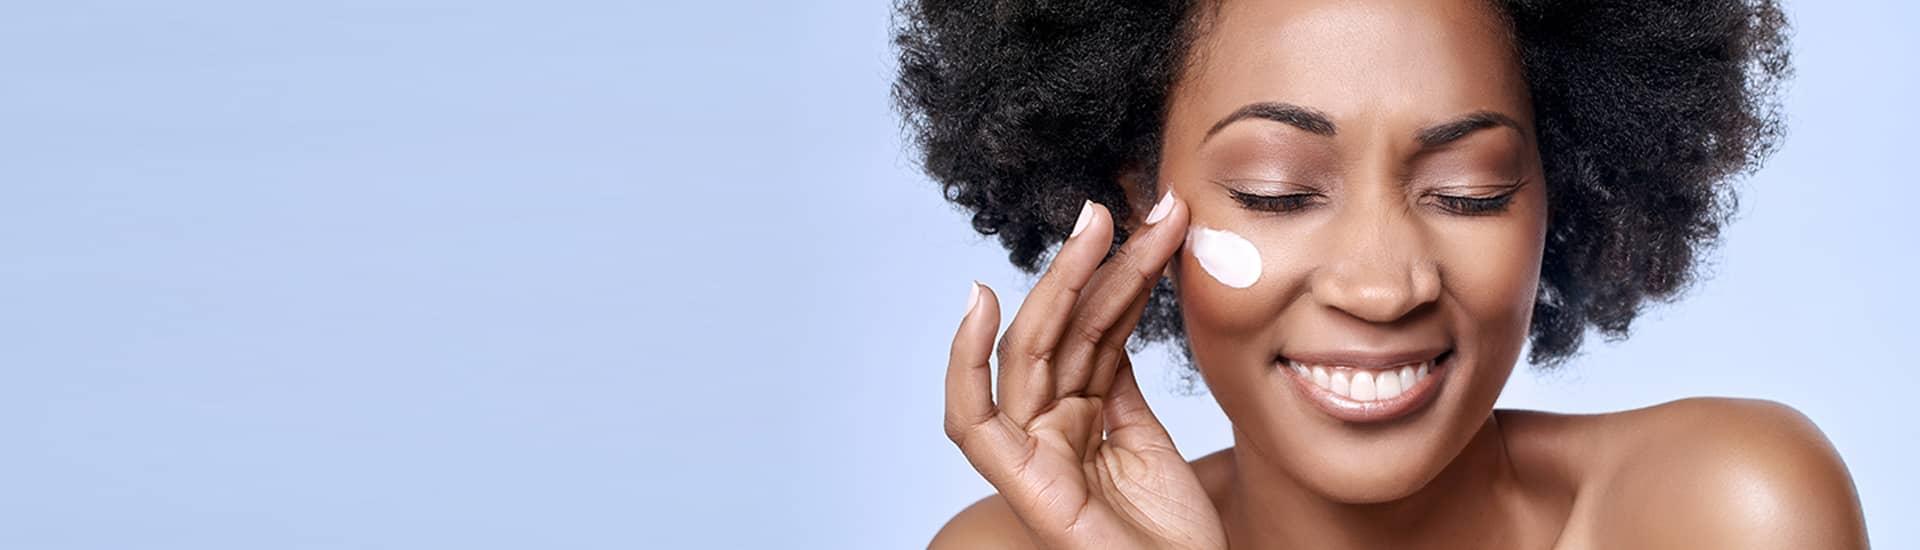 Vrouw veegt crème op haar huid